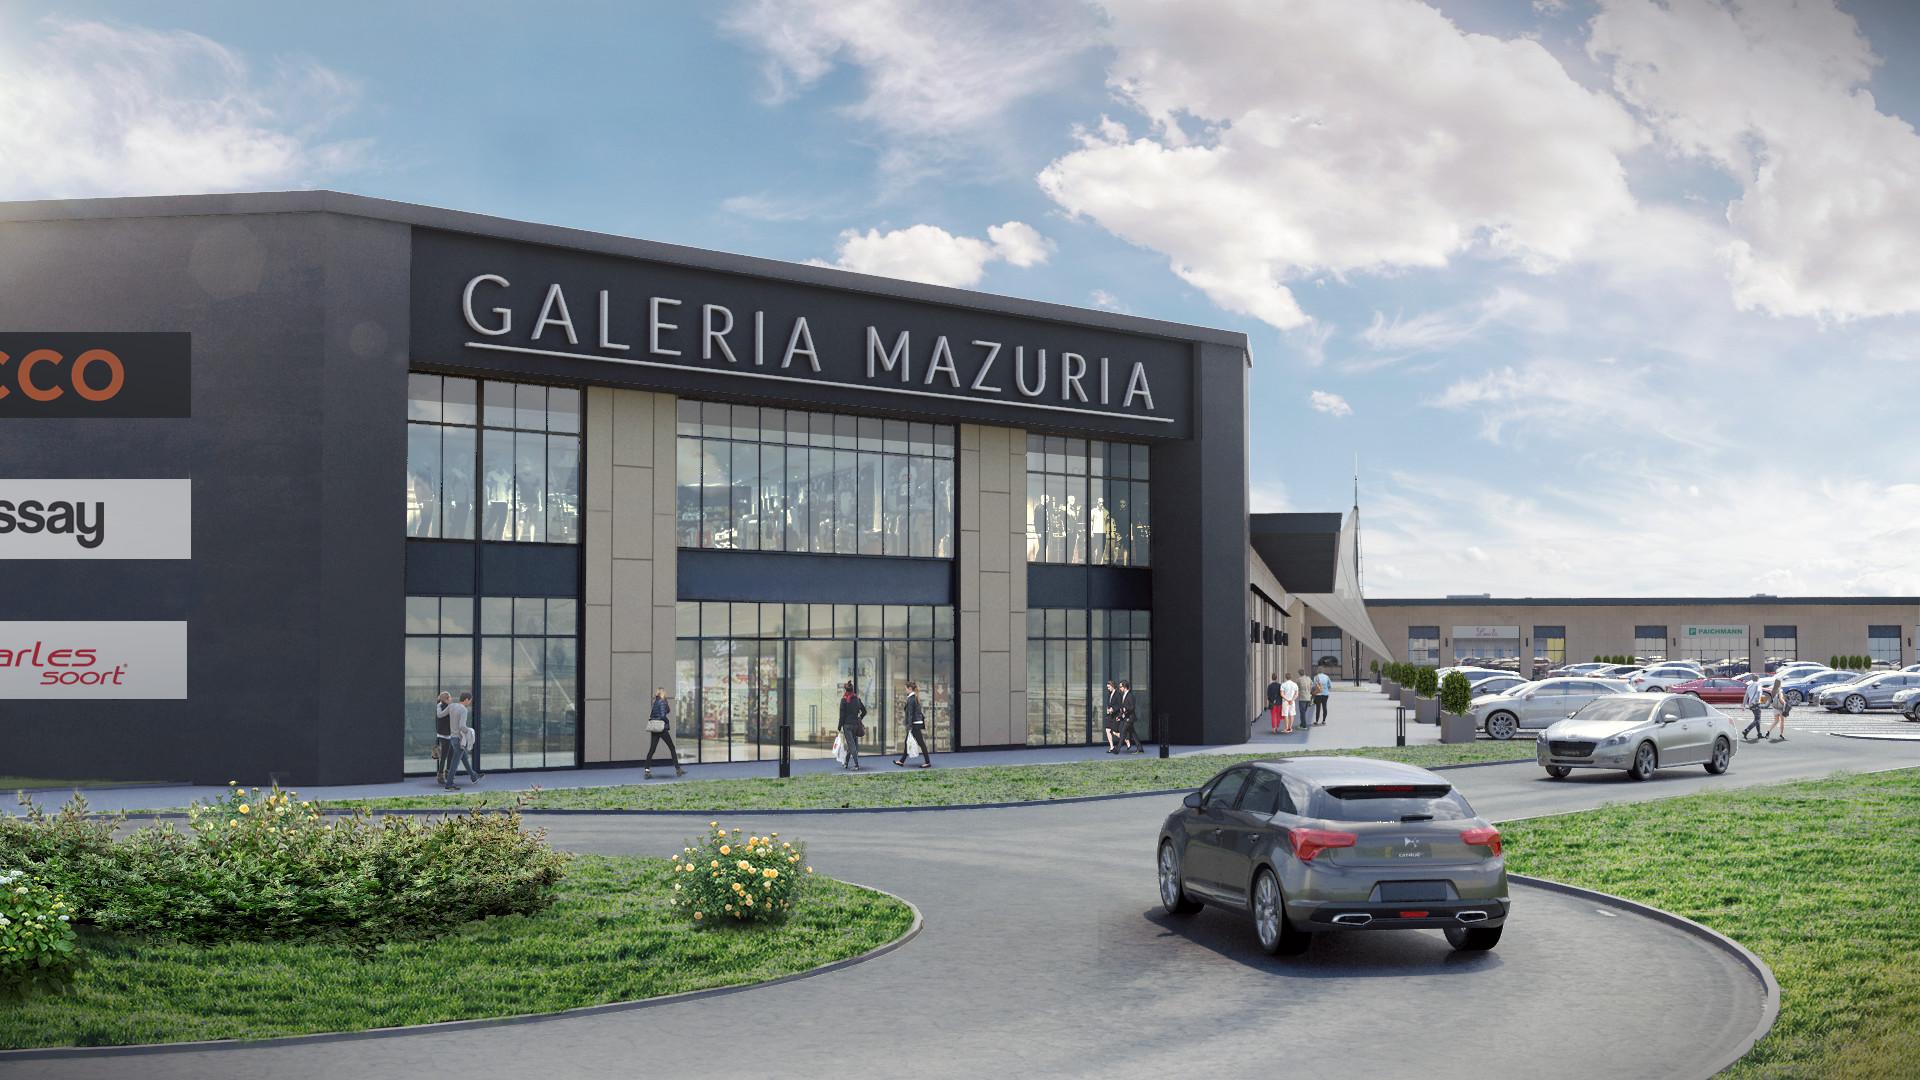 Galeria MAZURIA